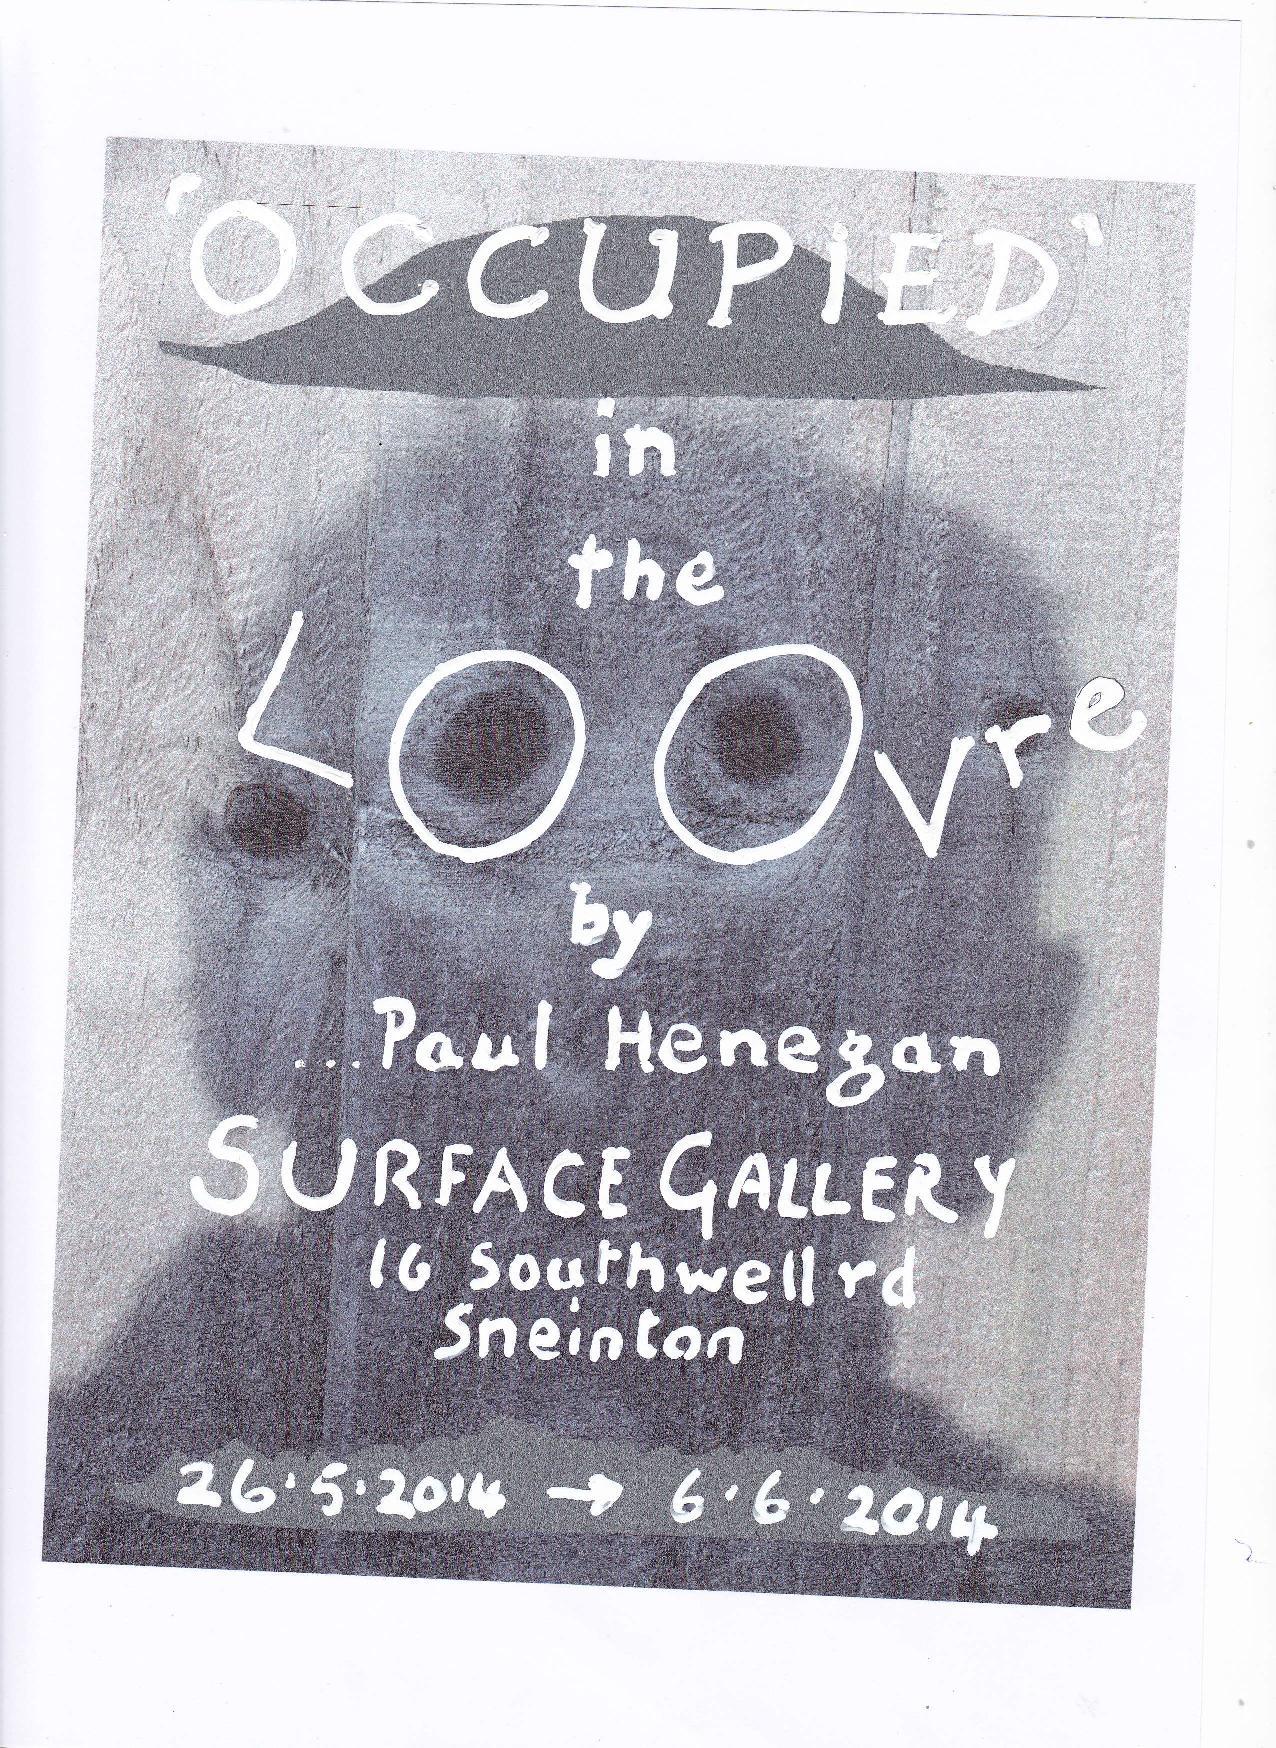 Occupied by Paul Henegan